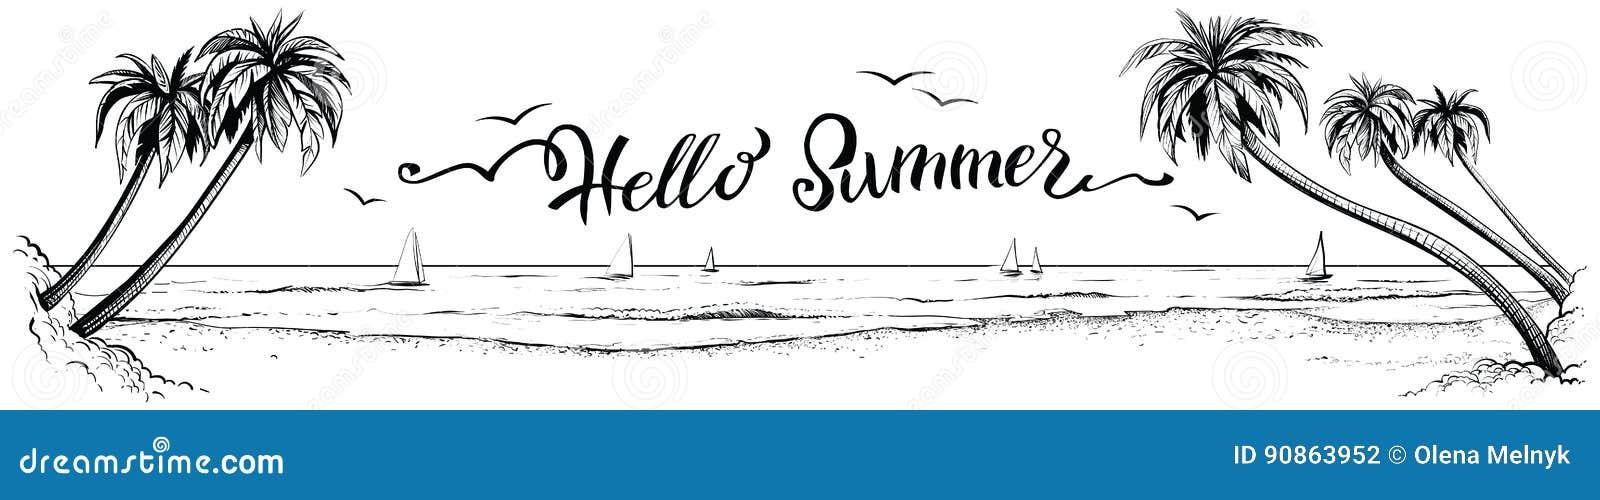 Bonjour été, marquant avec des lettres avec la vue panoramique de plage Illustration de vecteur